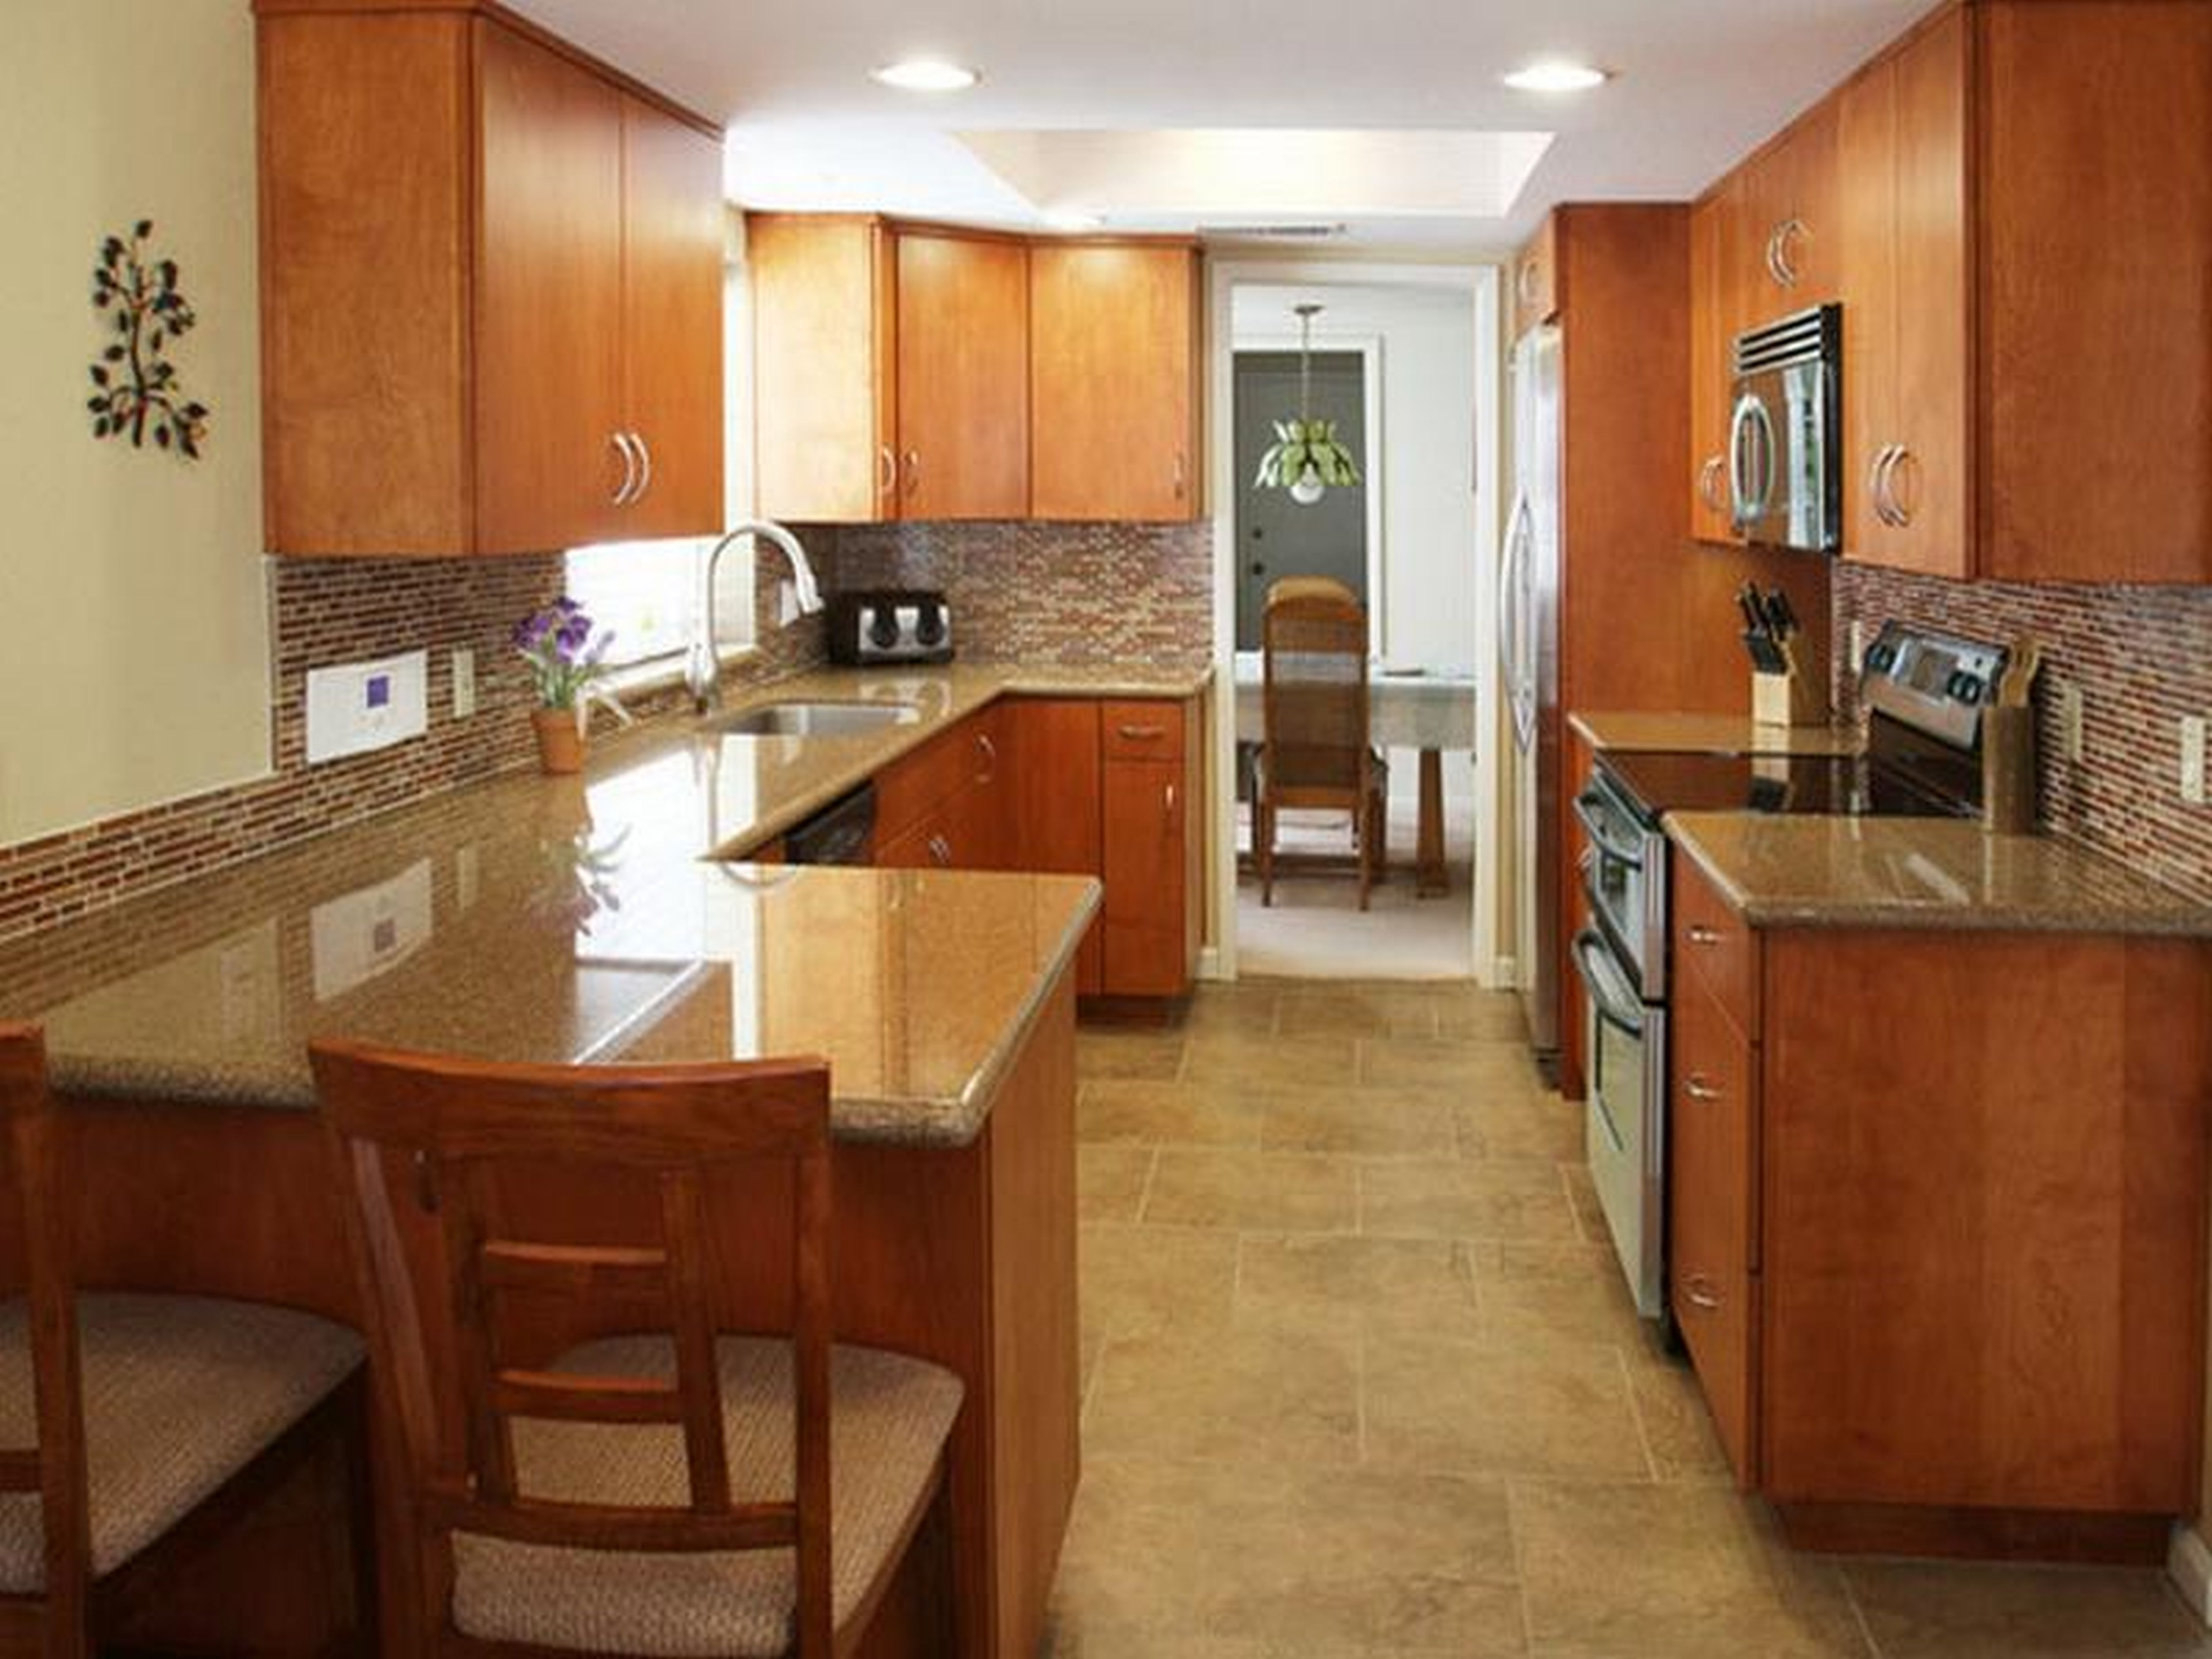 galley kitchen design ideas photos. small galley kitchen designs